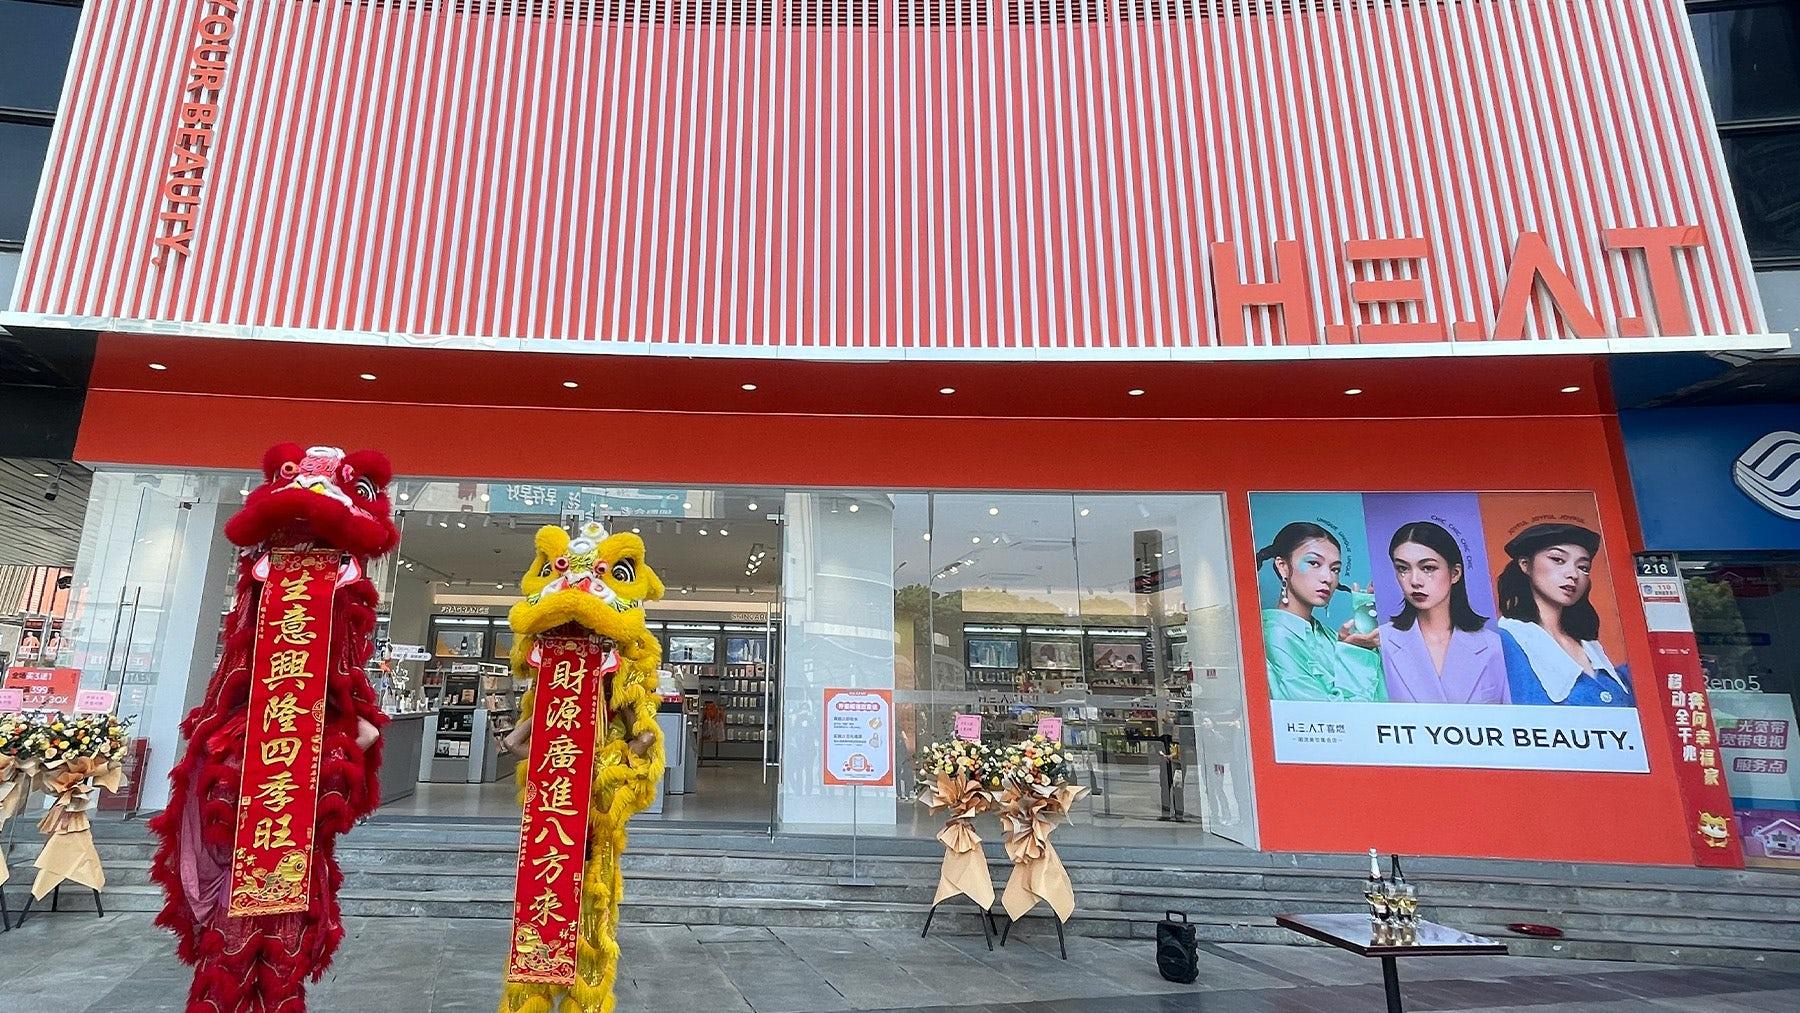 Heat has opened stores in cities including Nanjing, Guangzhou, Shenzhen and Chongqing. Heat.